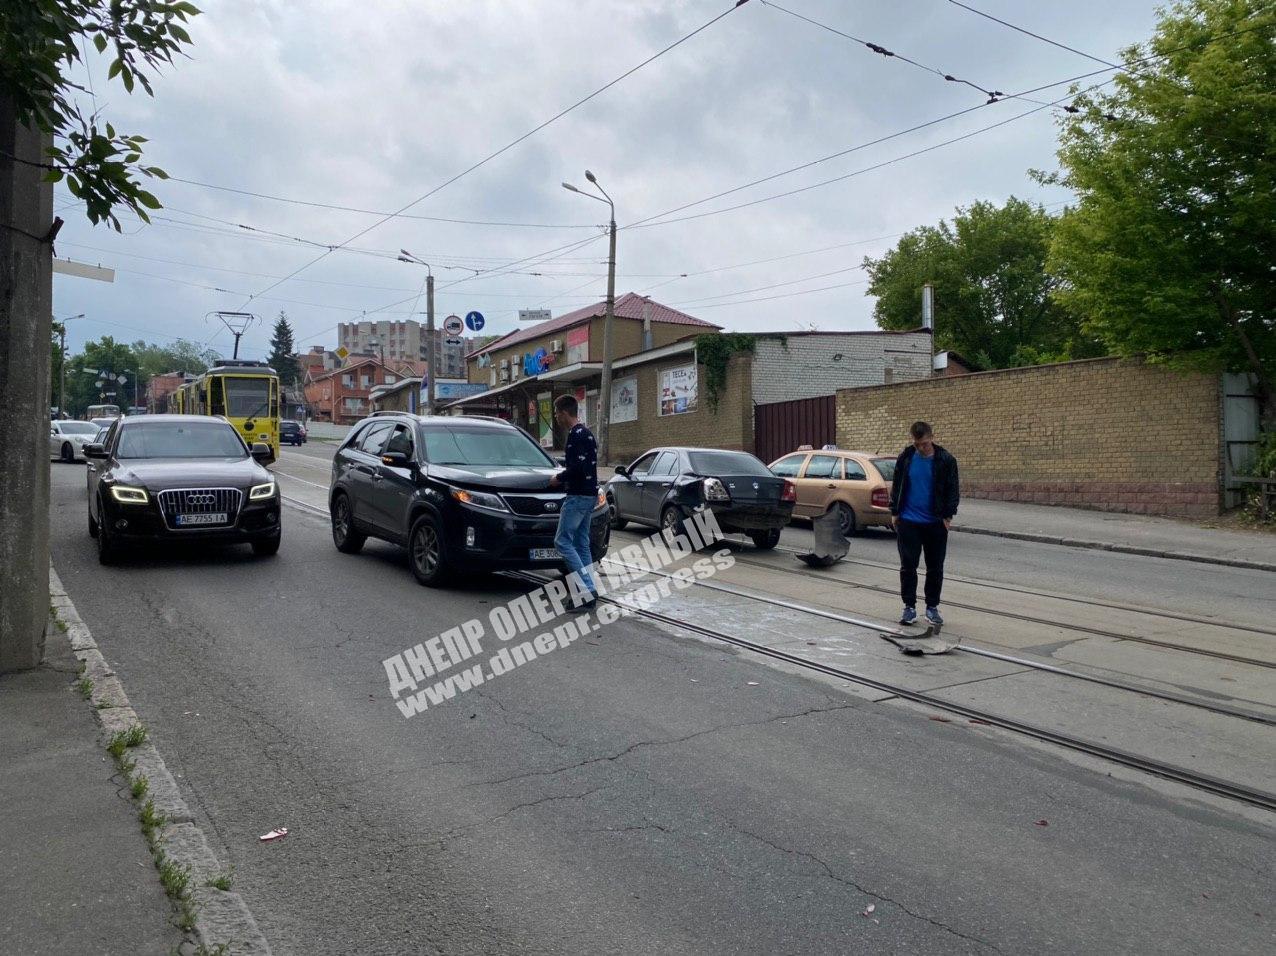 «Резко повернул»: ДТП с 2 авто в Днепре. Новости Днепра